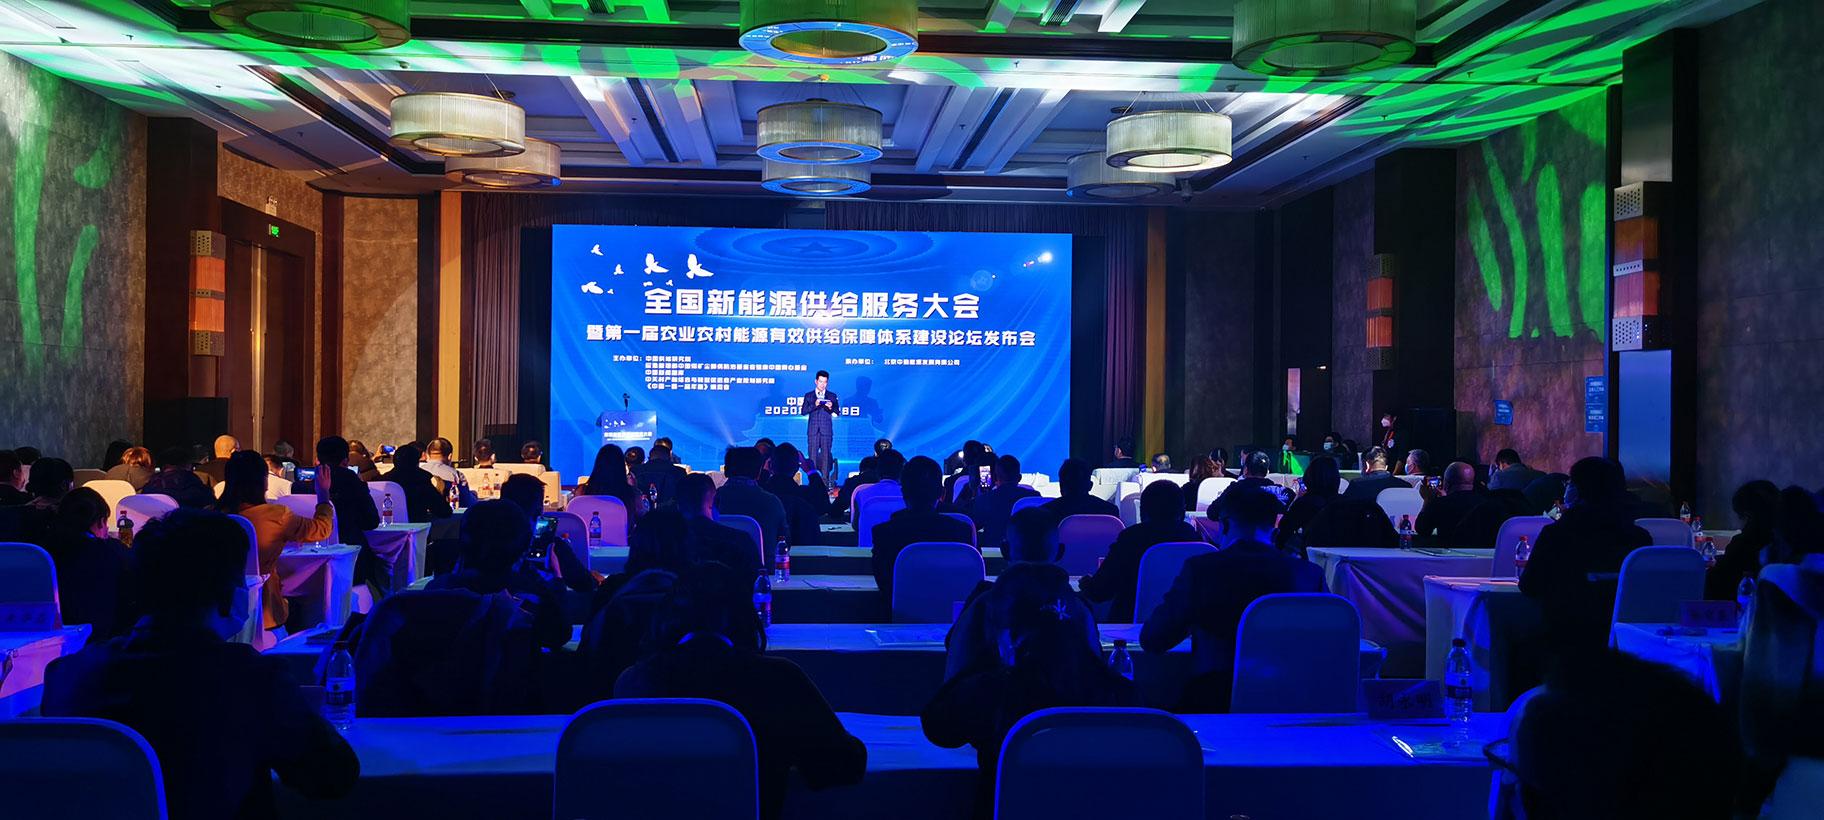 首届农业农村新能源供给体系建设论坛在京举办